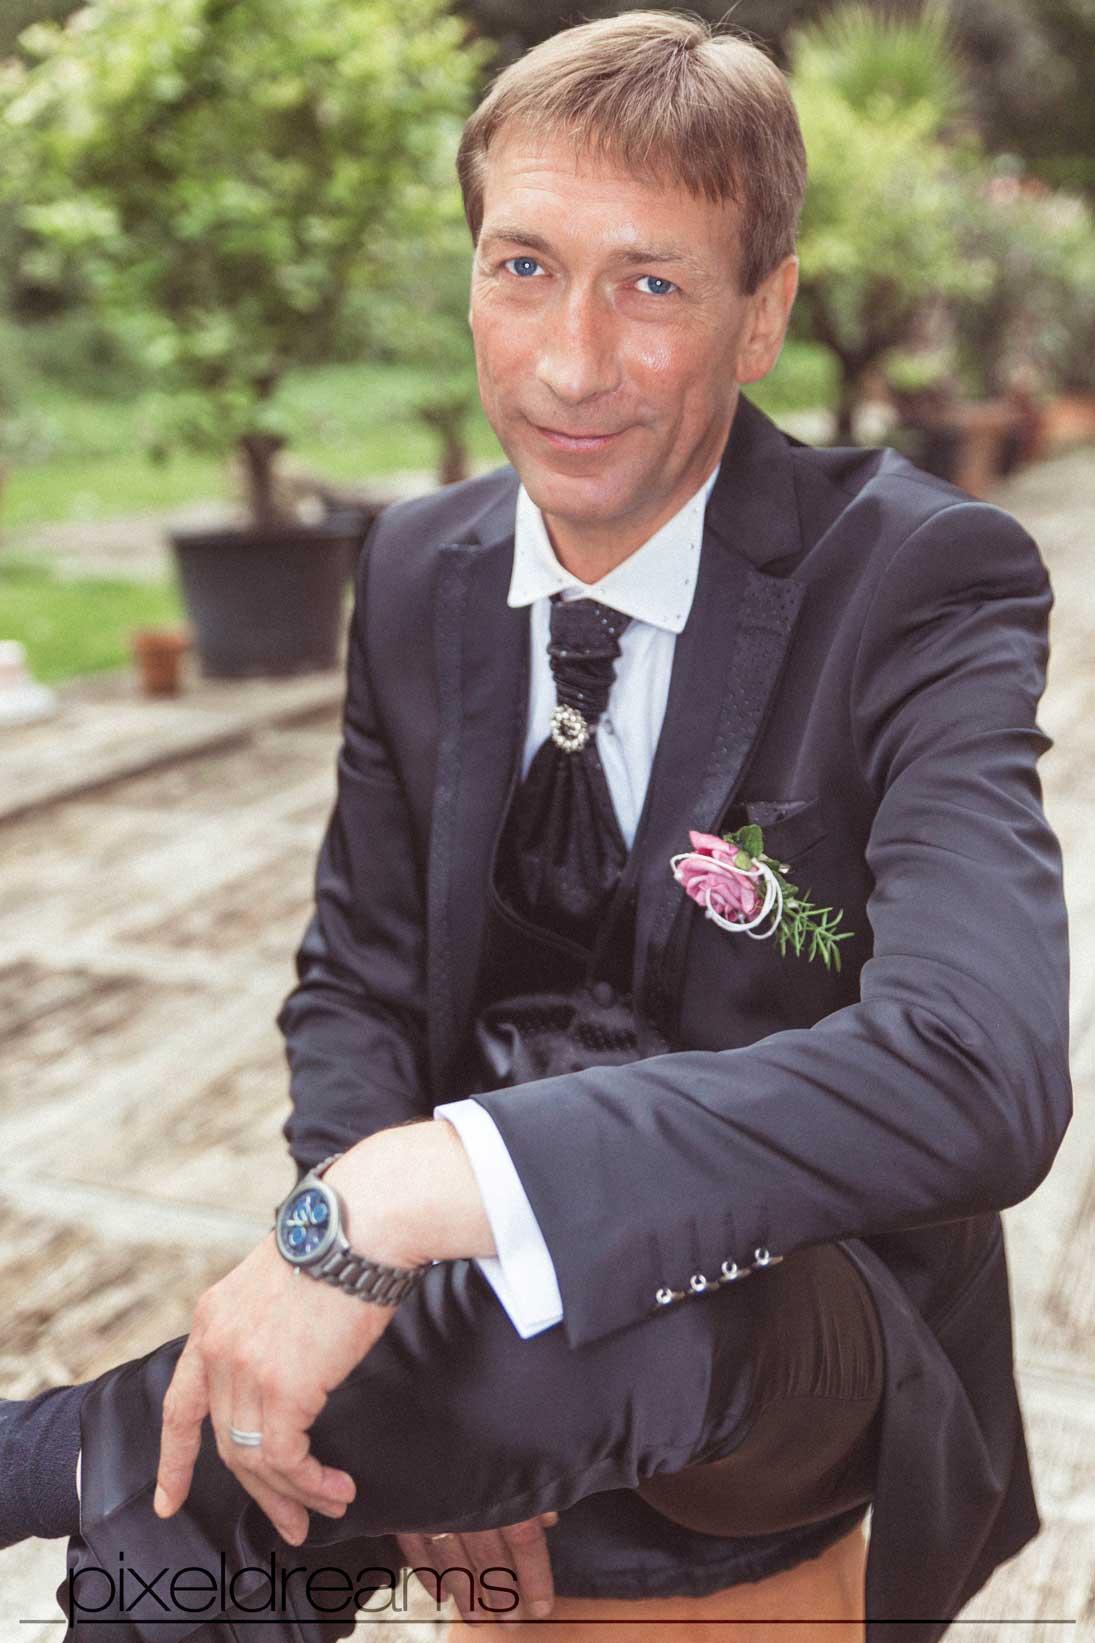 bräutigam posiert von der kamera. ein schönes hochzeitsfoto